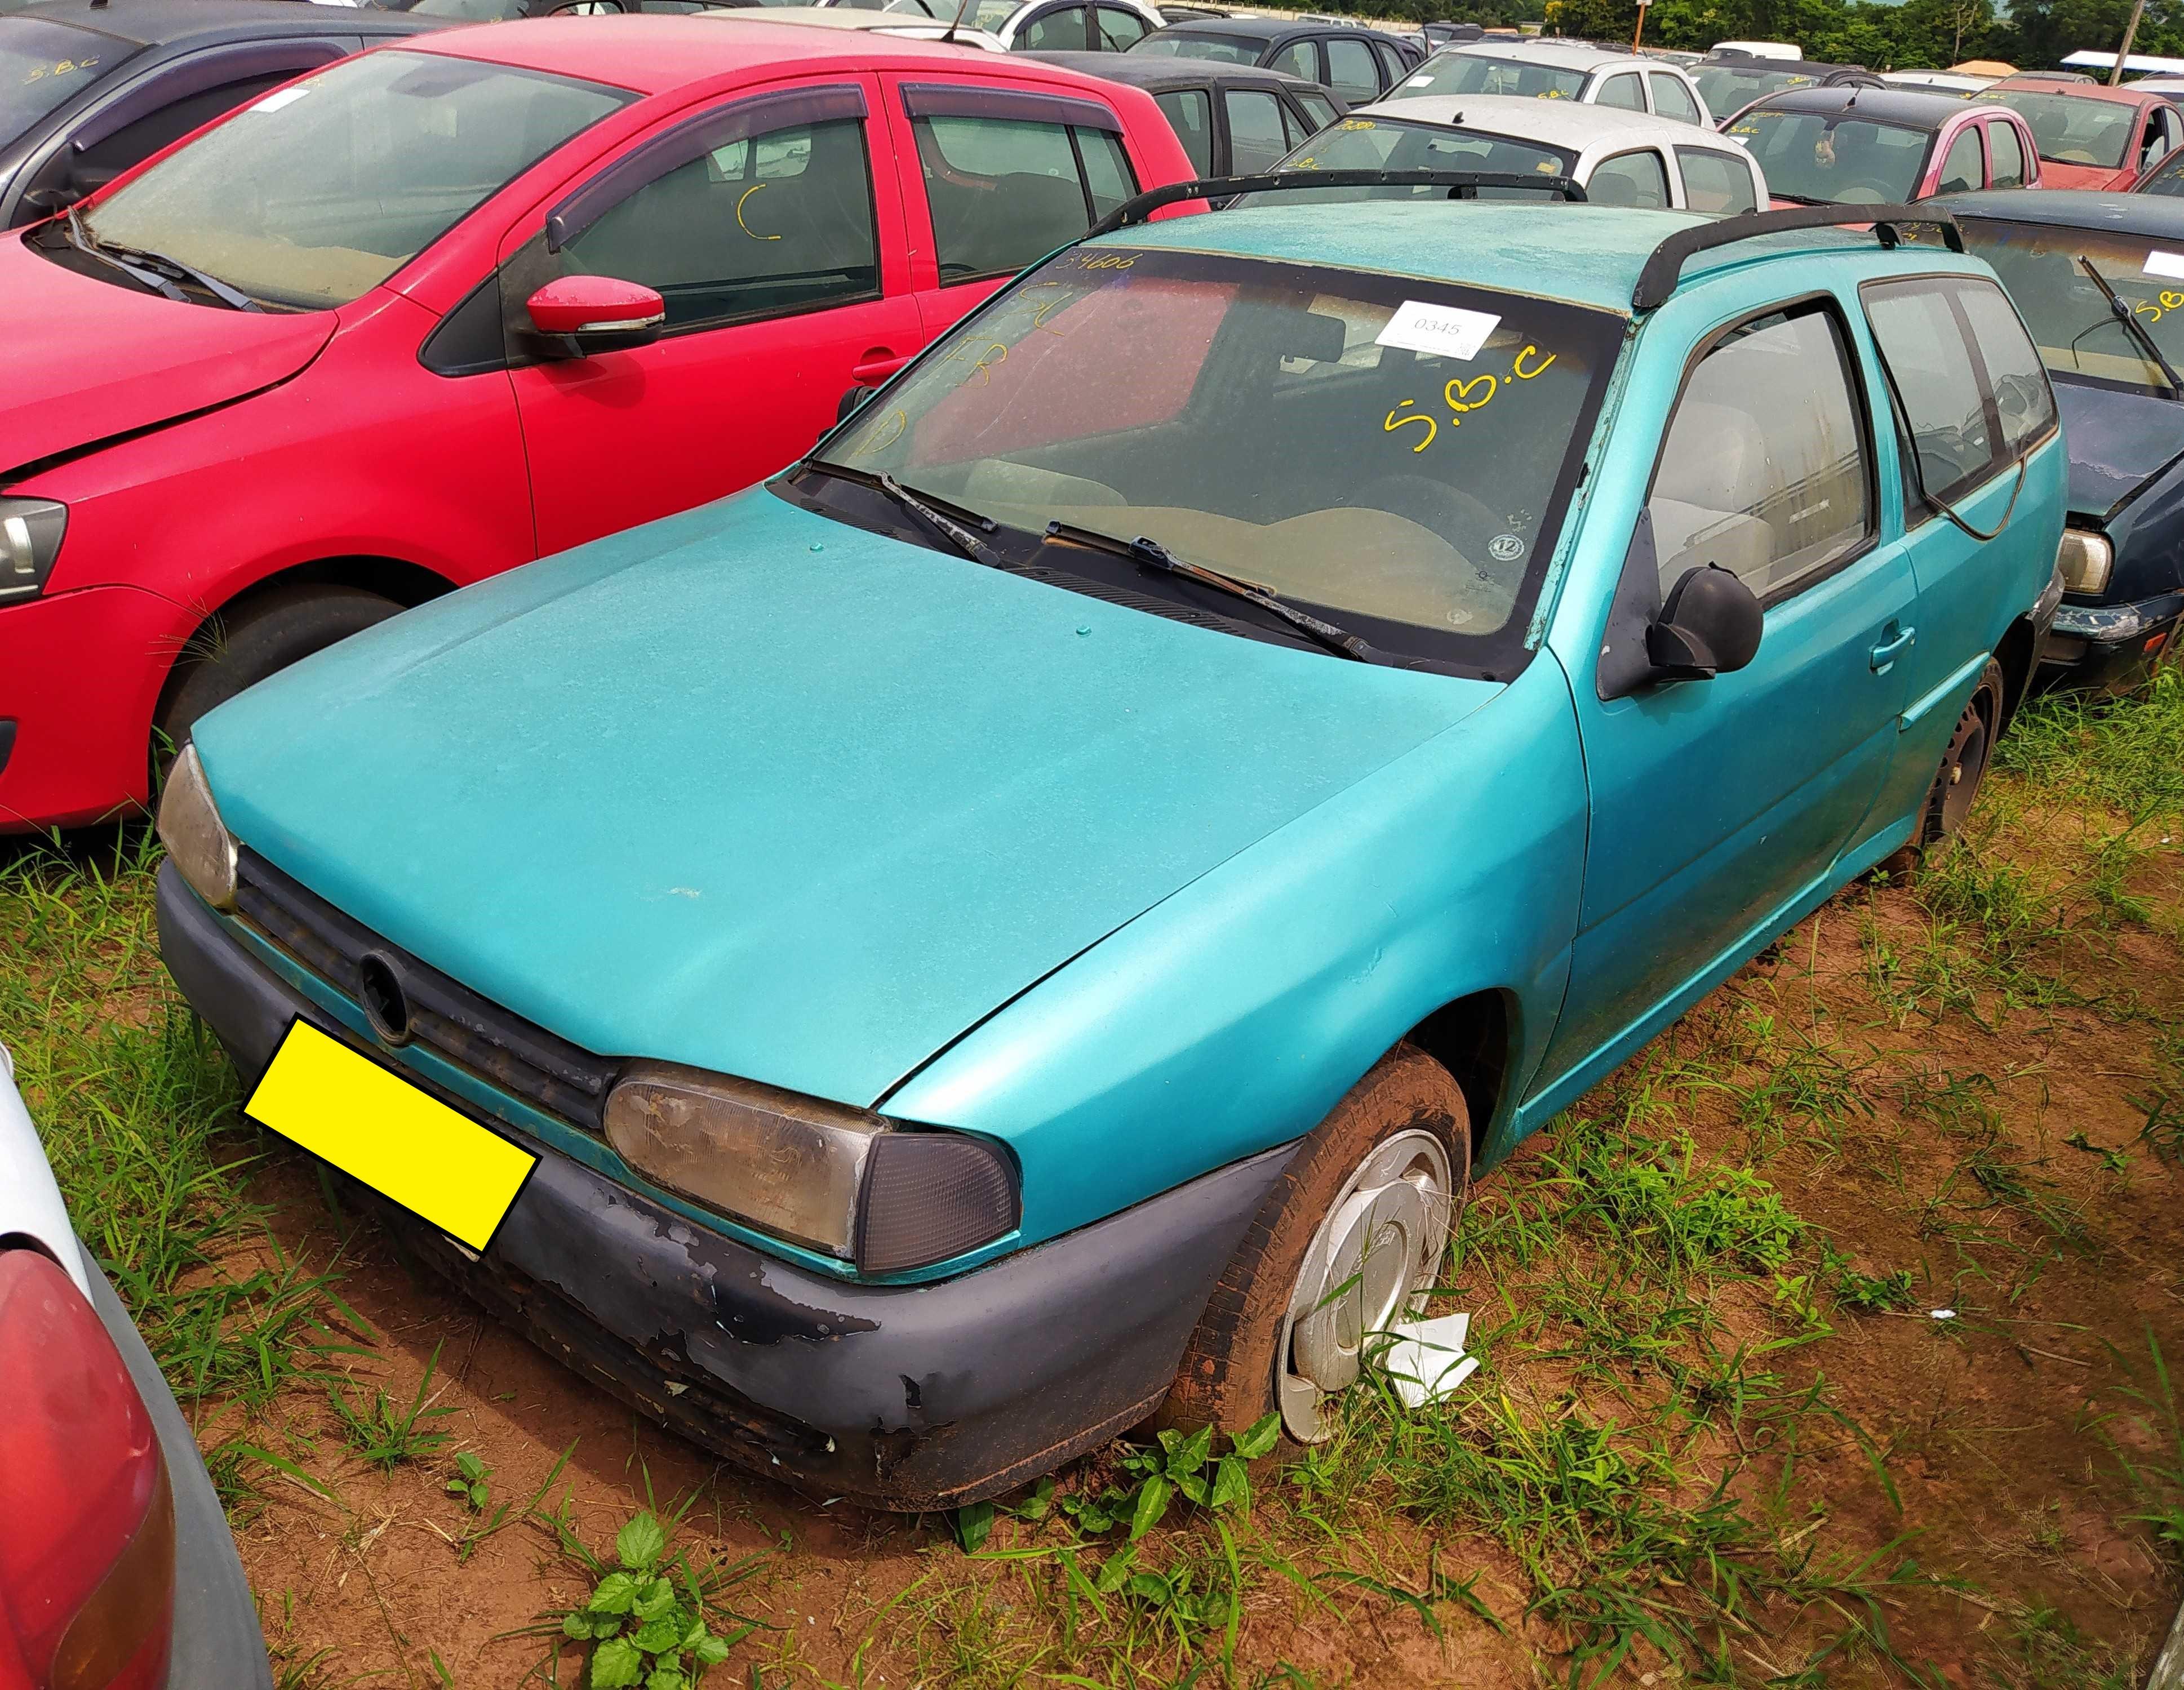 VW/PARATI CL 1.8 MI - 1996/1997 - C/ DOCUMENTO